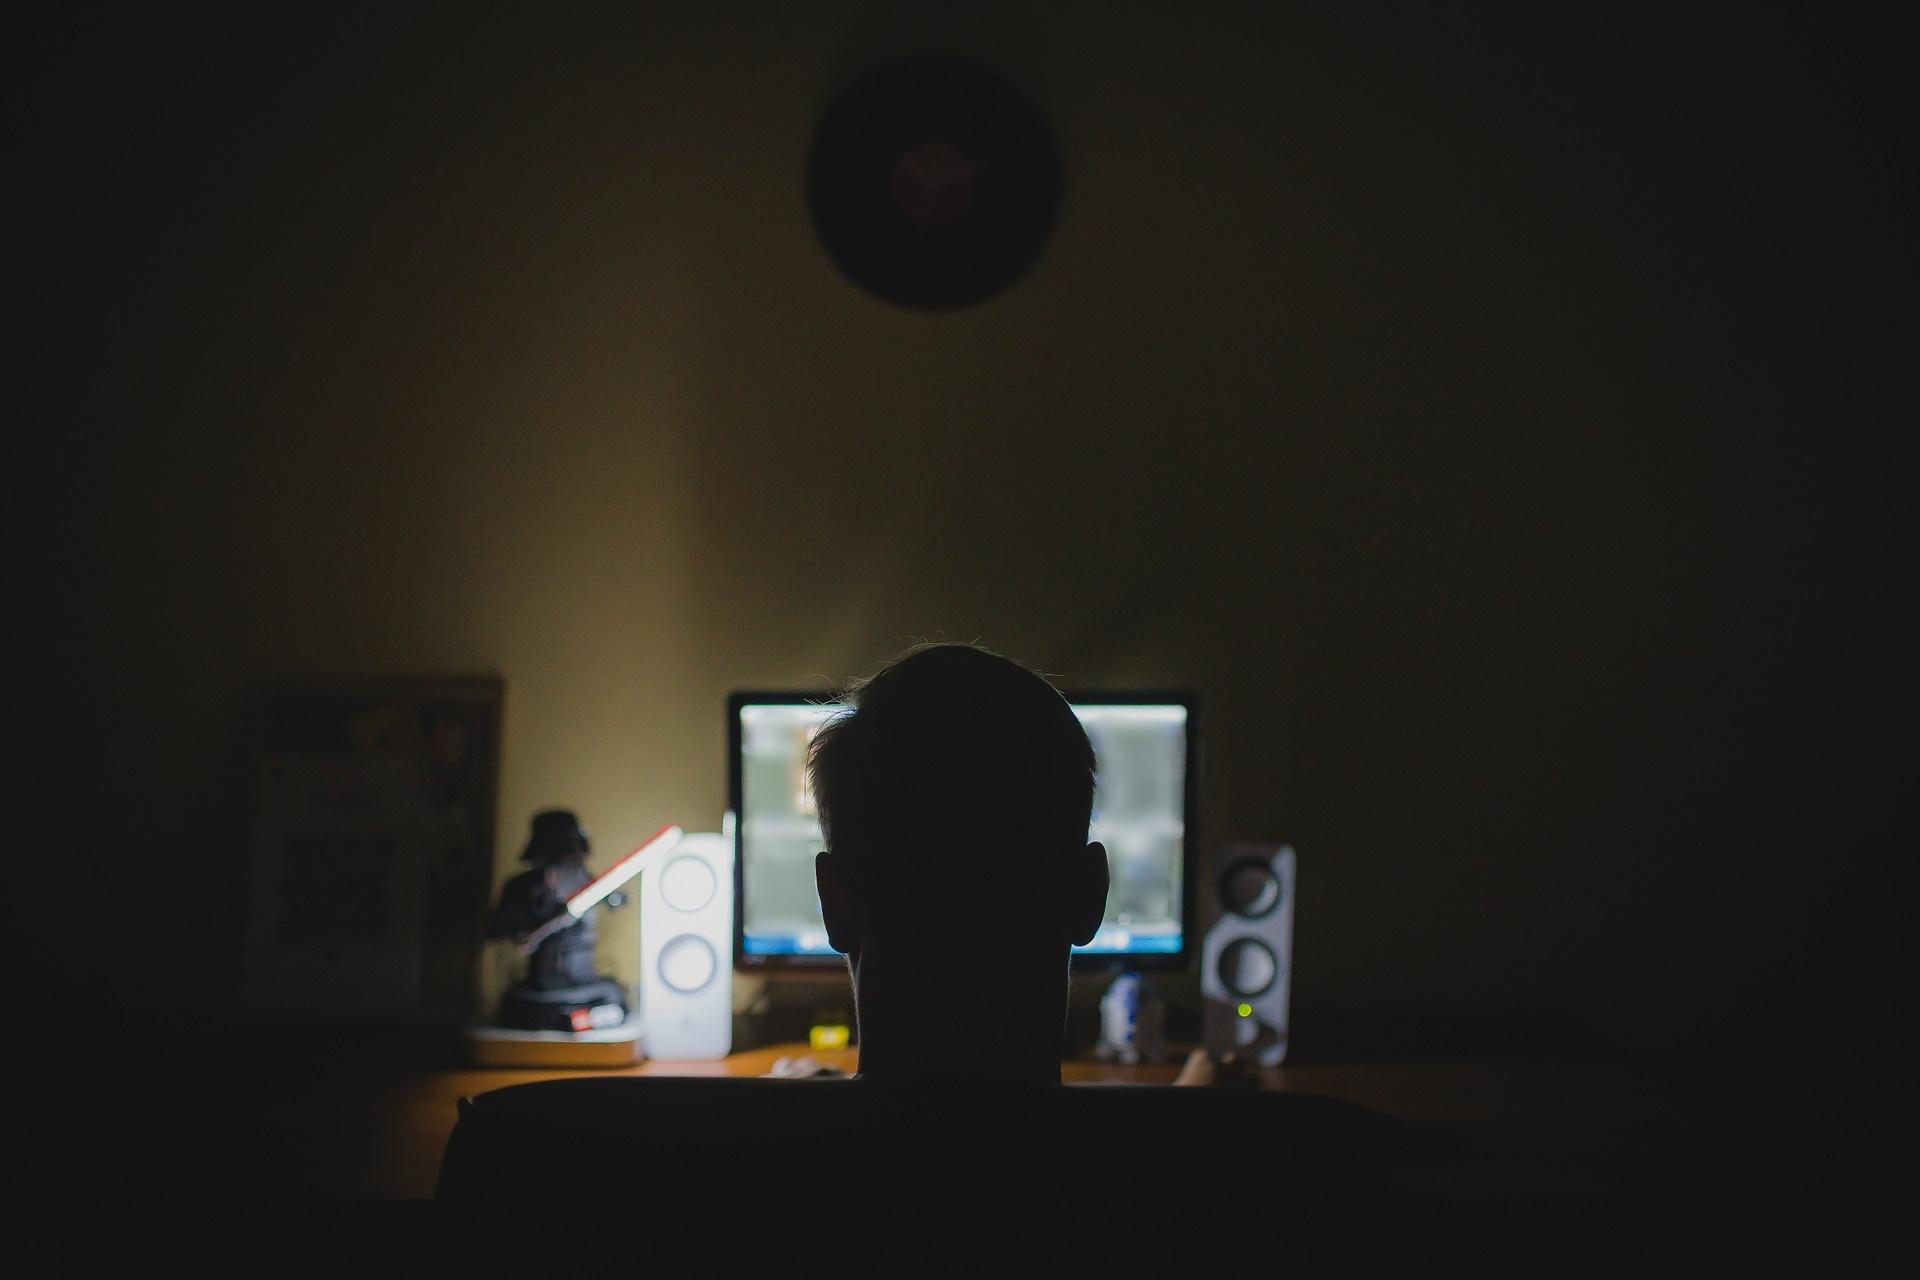 W powiecie kłobuckim zatrzymali pedofila. Usłyszał cztery zarzuty